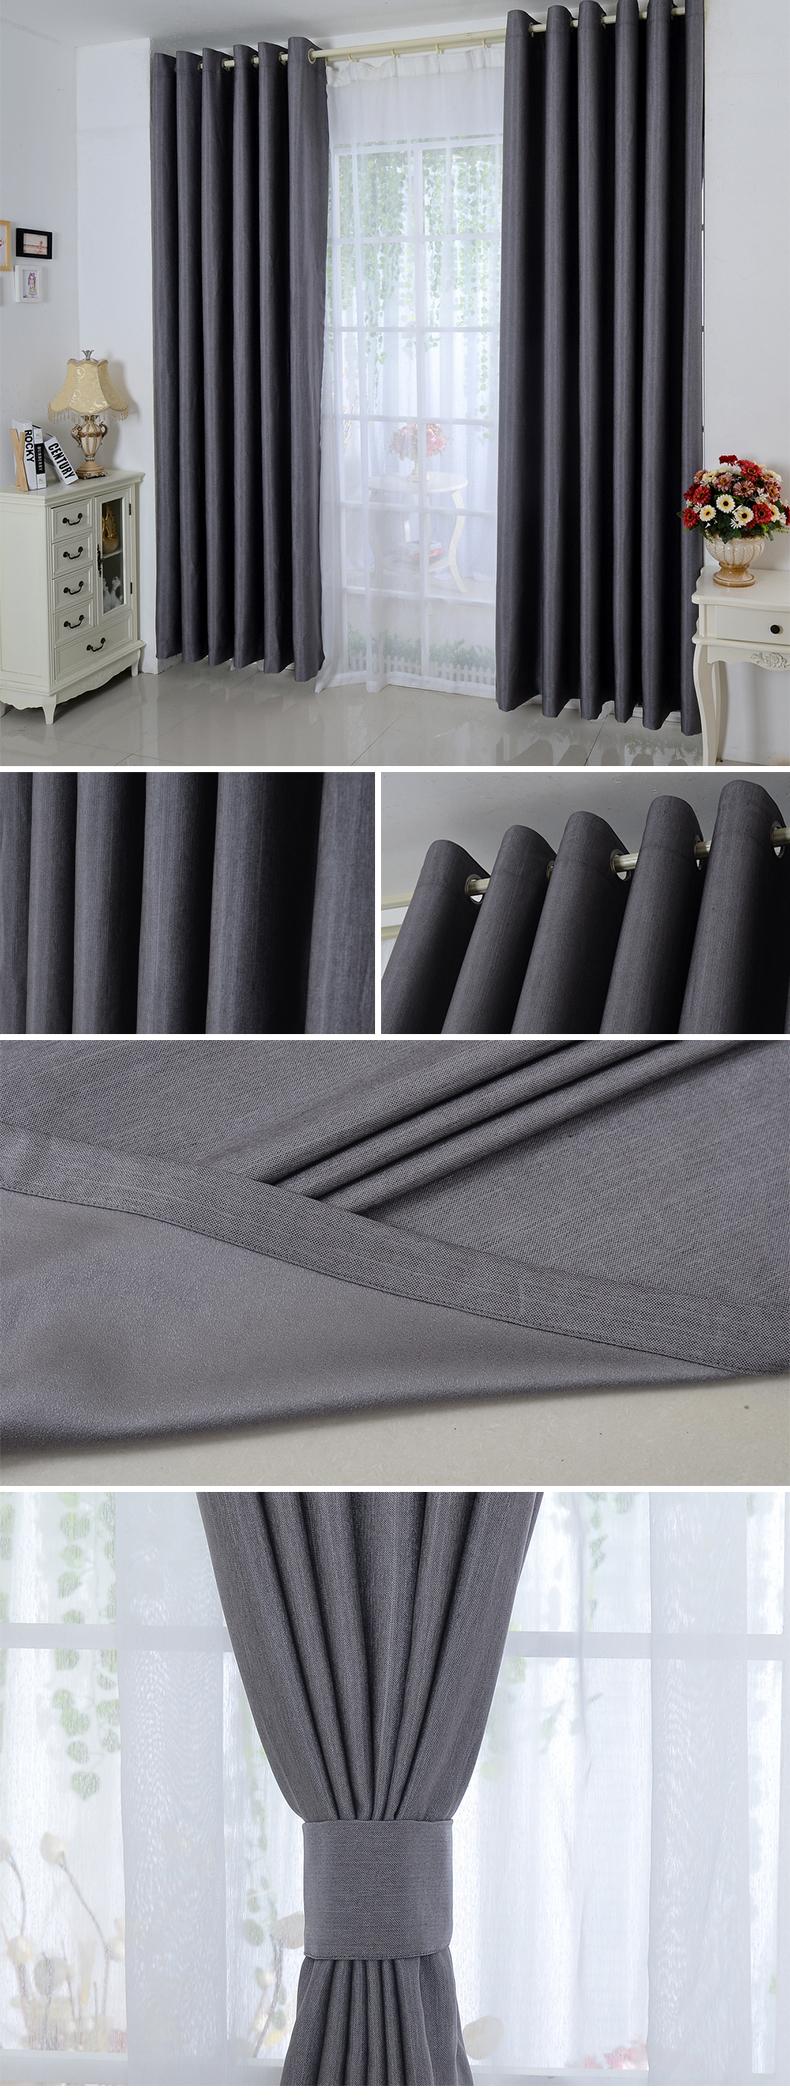 Nieuwste ontwerp woonkamer luxe hotel gordijnen gordijn product id ...